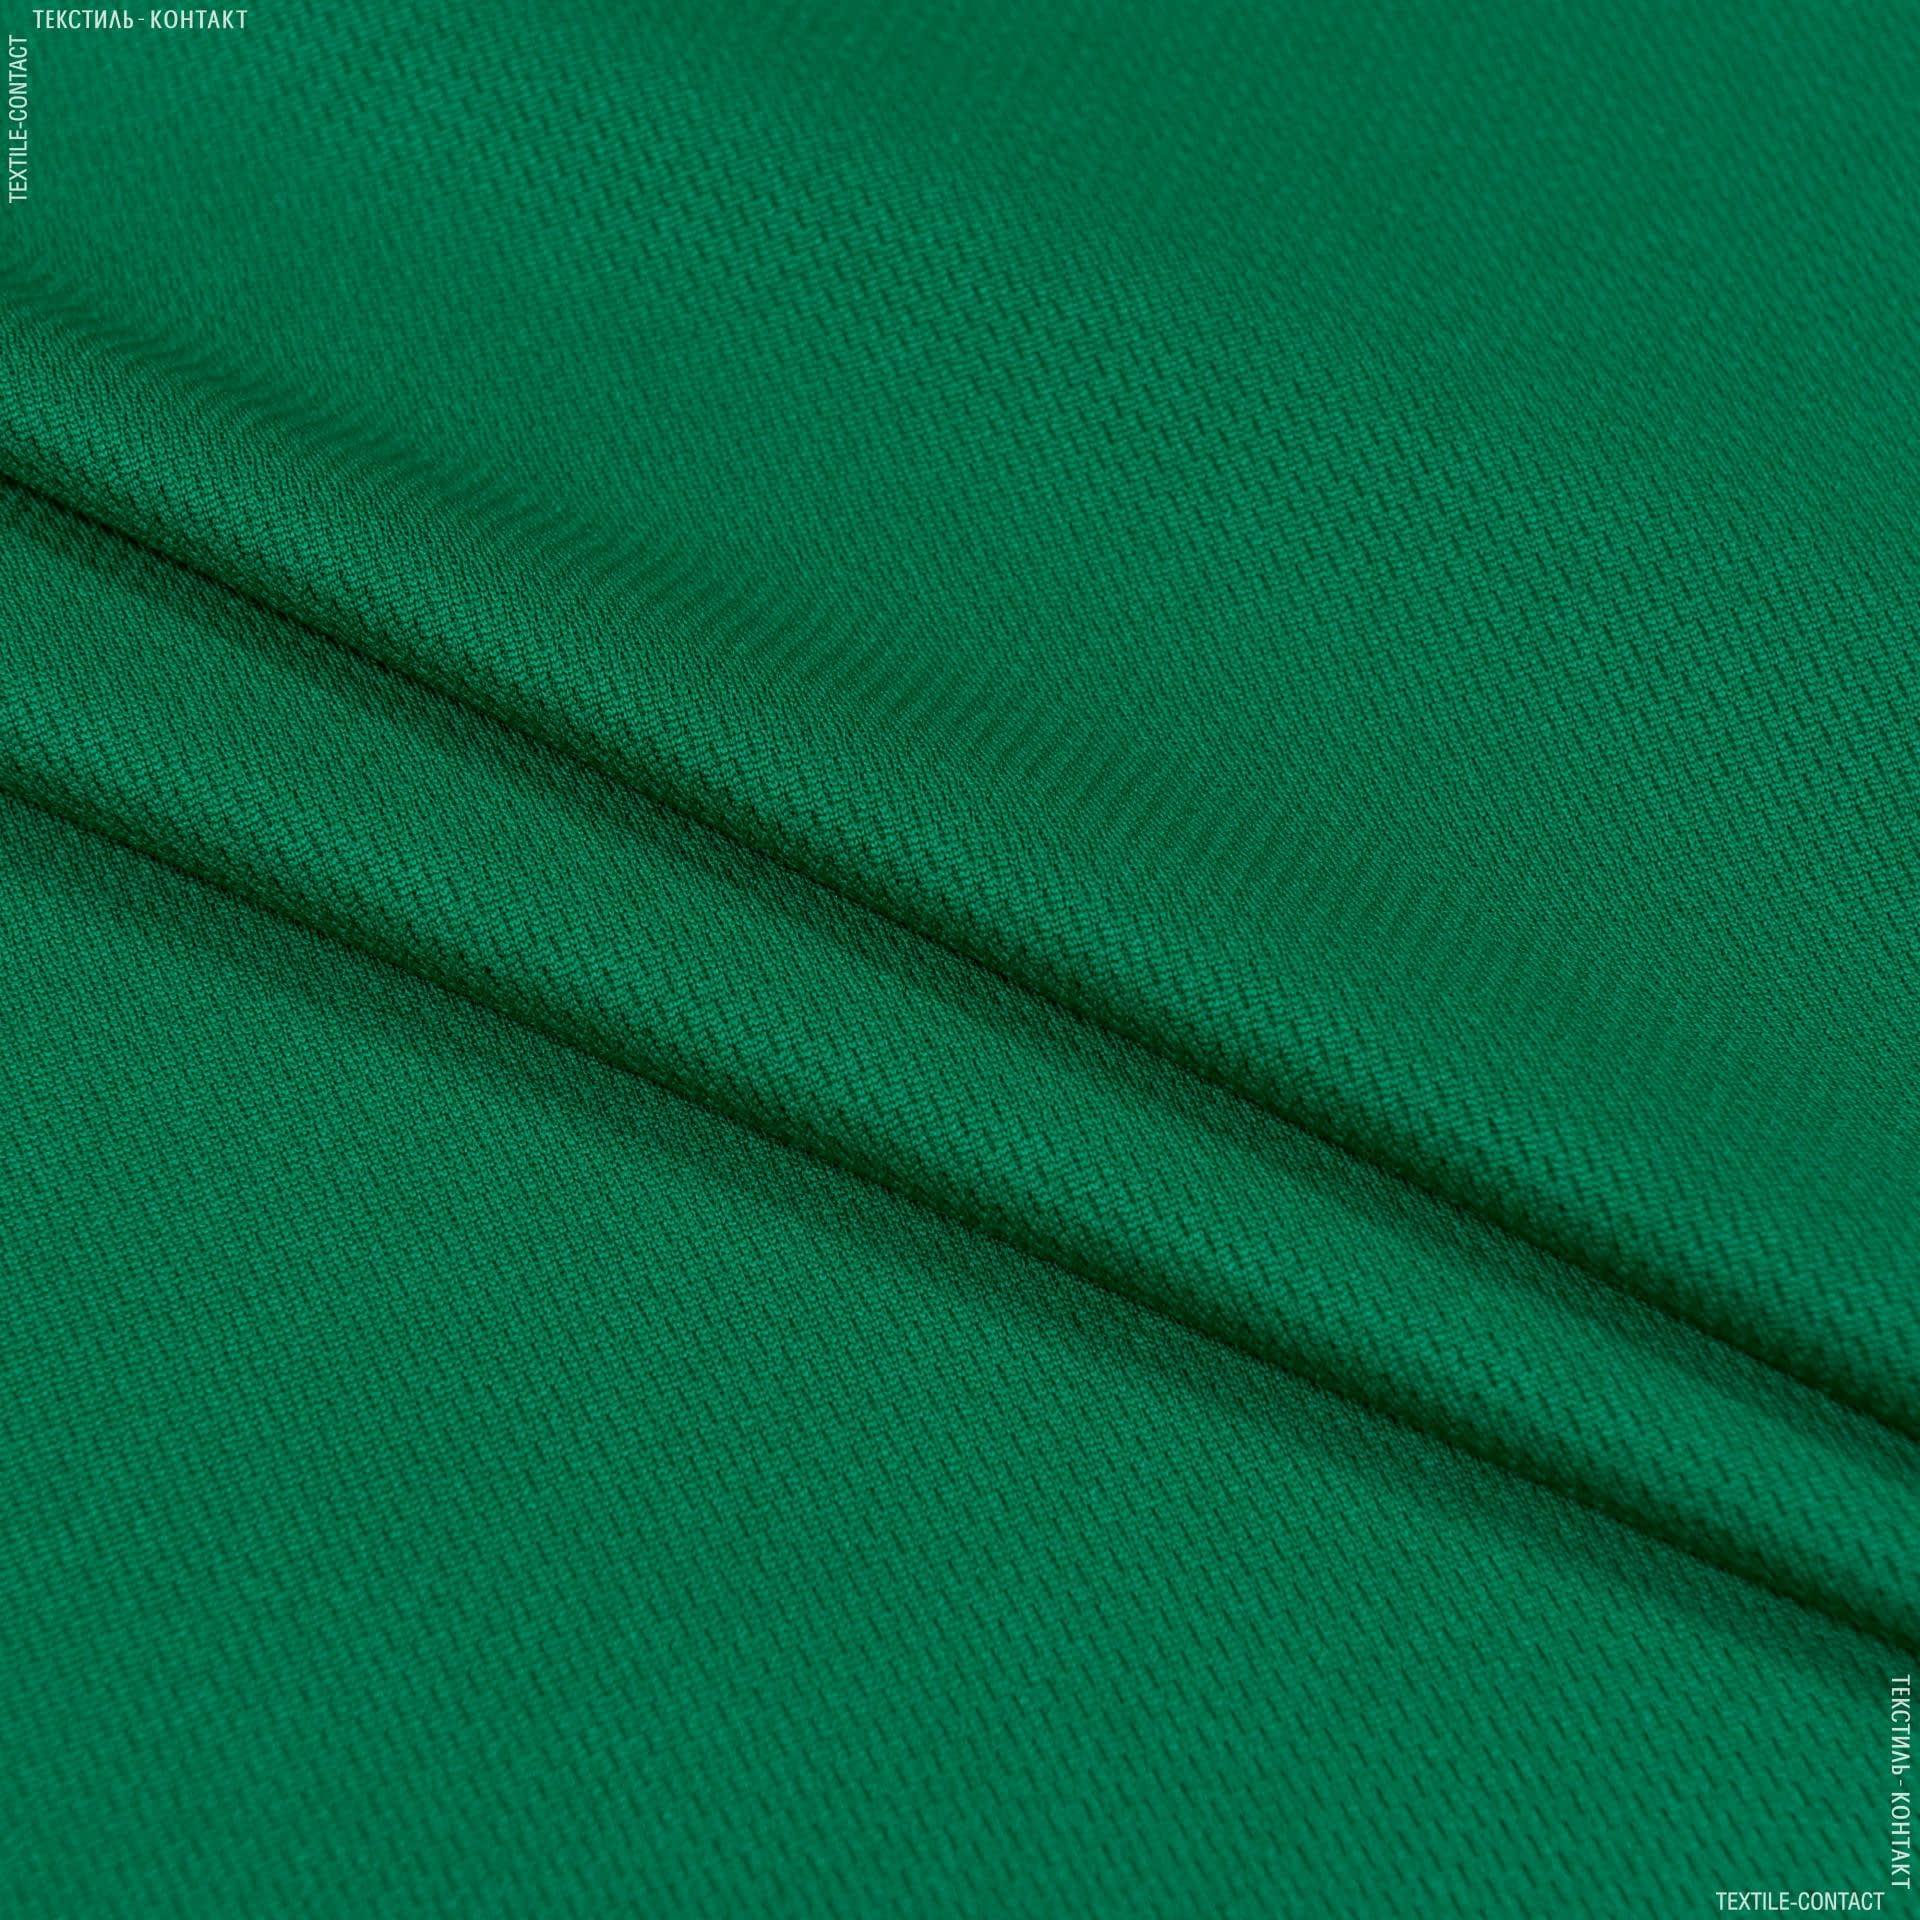 Тканини для спортивного одягу - Мікро лакоста зелена